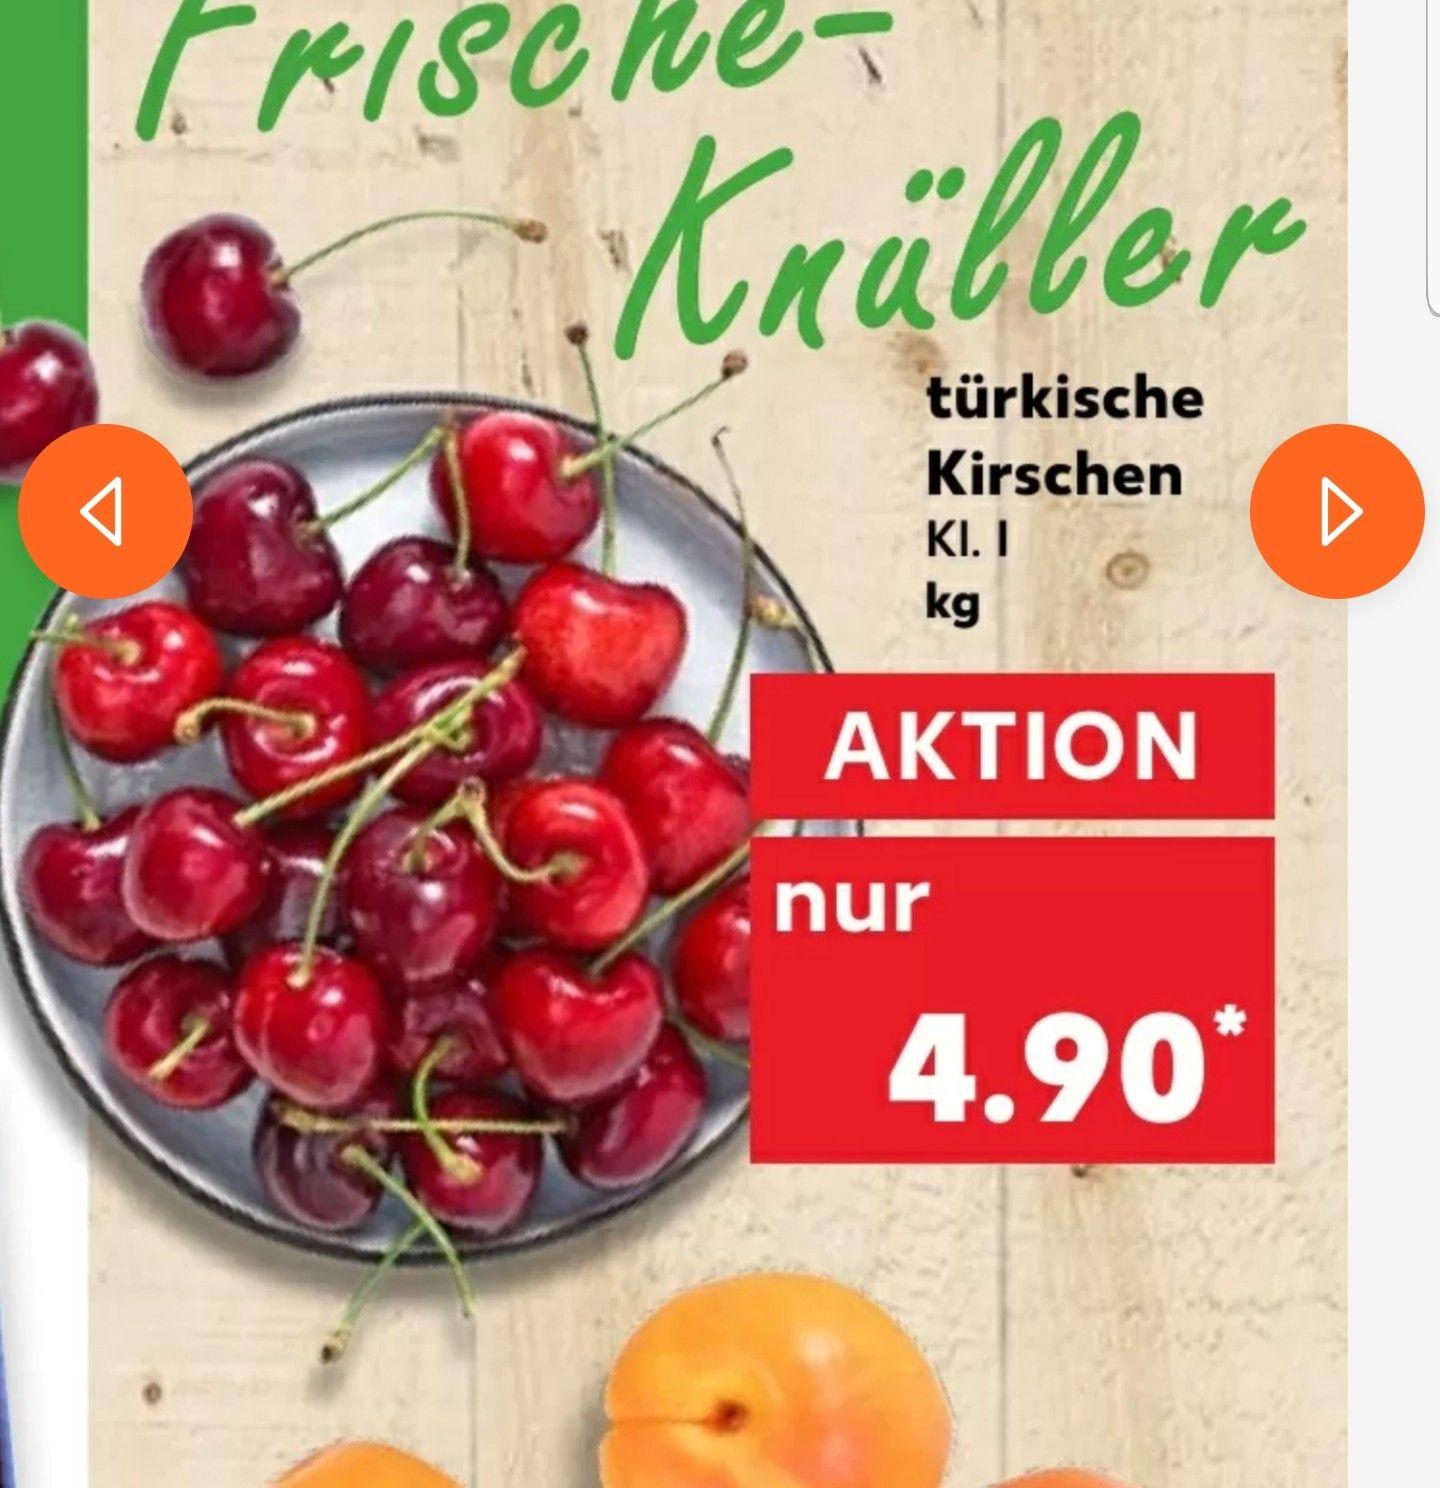 (Kaufland) Türkische Kirschen für 4,90 je KG! (Ab 3.6)